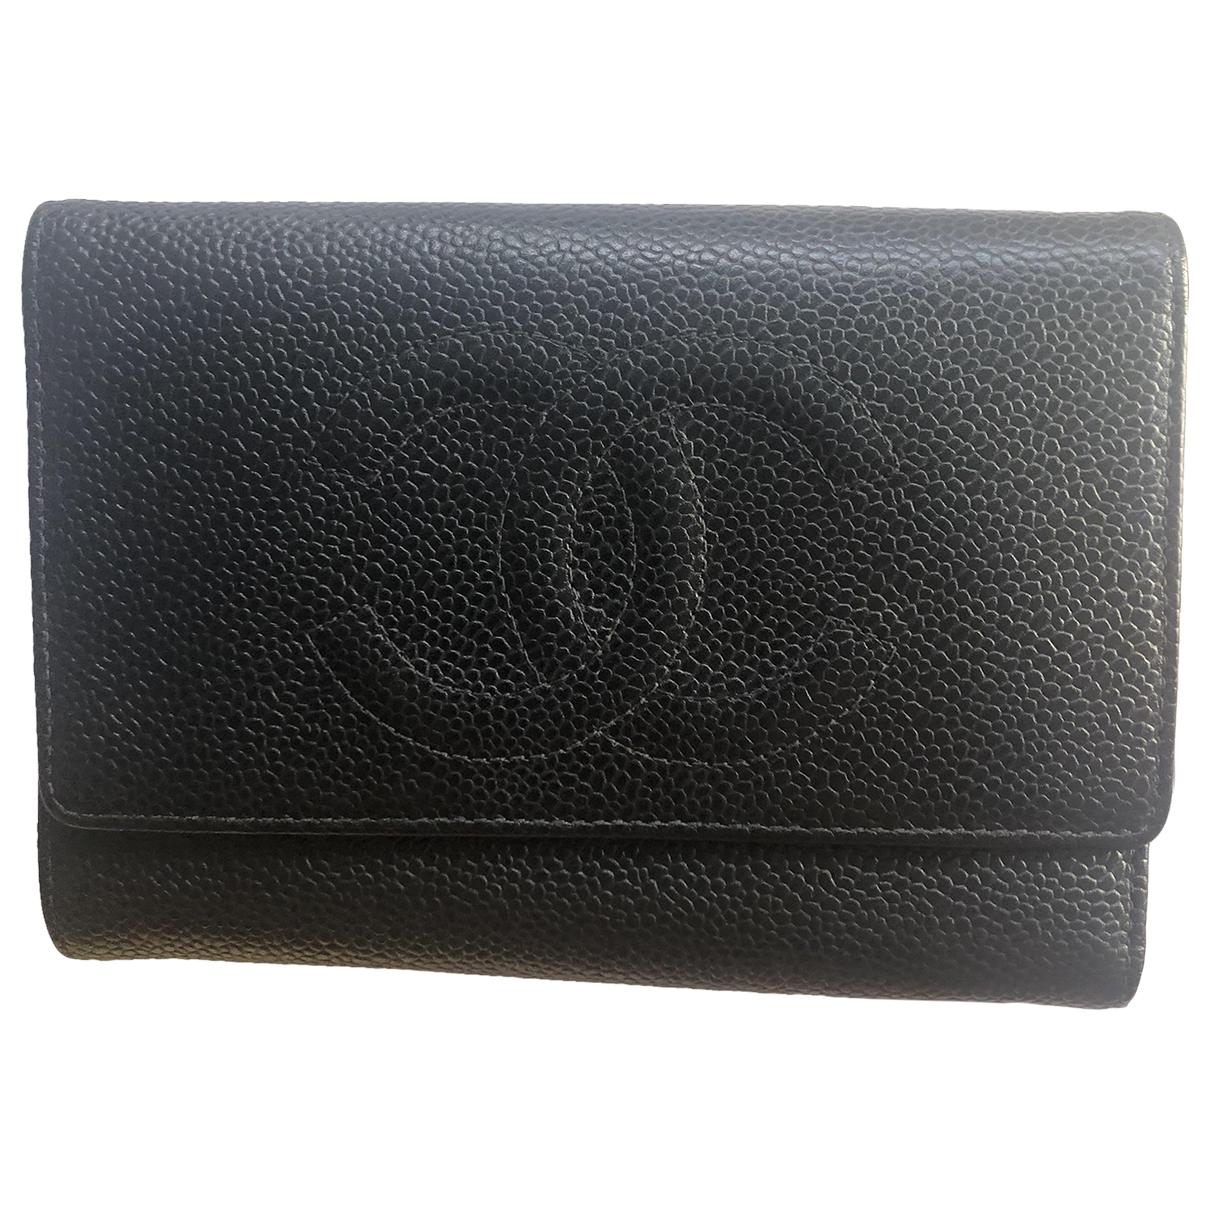 Chanel \N Kleinlederwaren in  Schwarz Leder